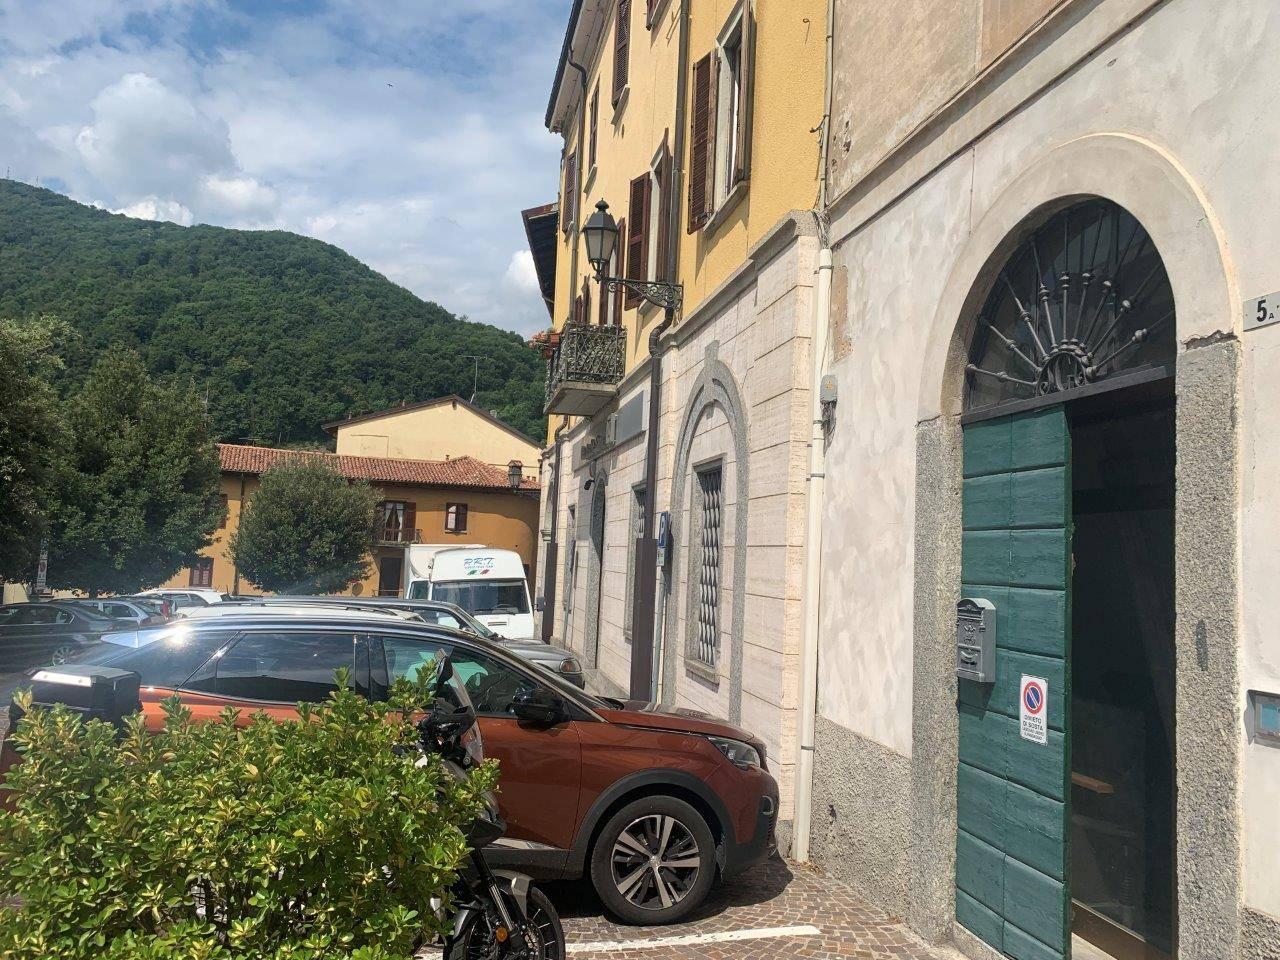 Ufficio / Studio in affitto a Asso, 9999 locali, prezzo € 400 | CambioCasa.it